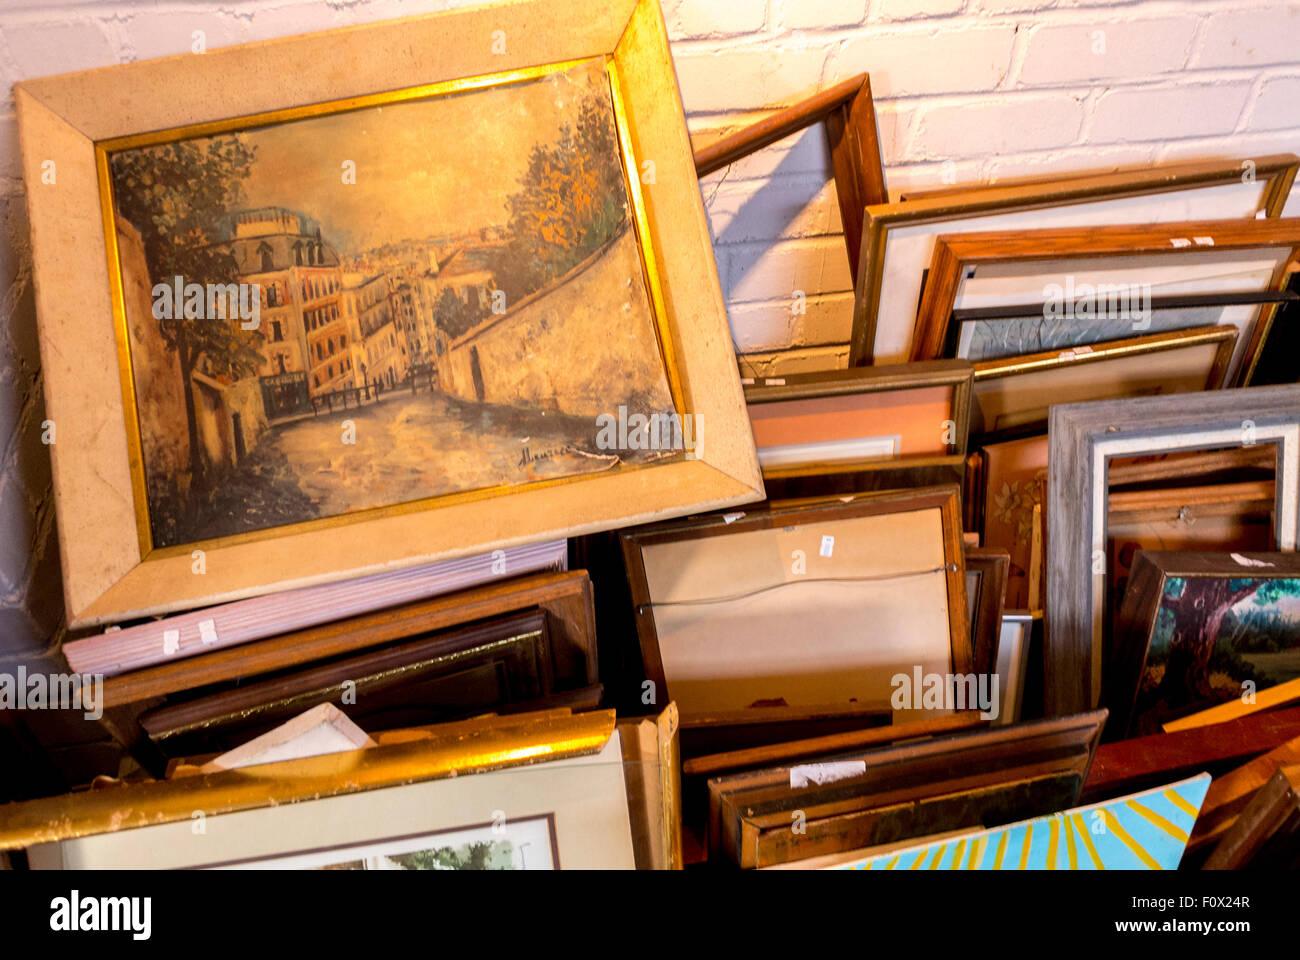 Vintage Frames Stockfotos & Vintage Frames Bilder - Alamy